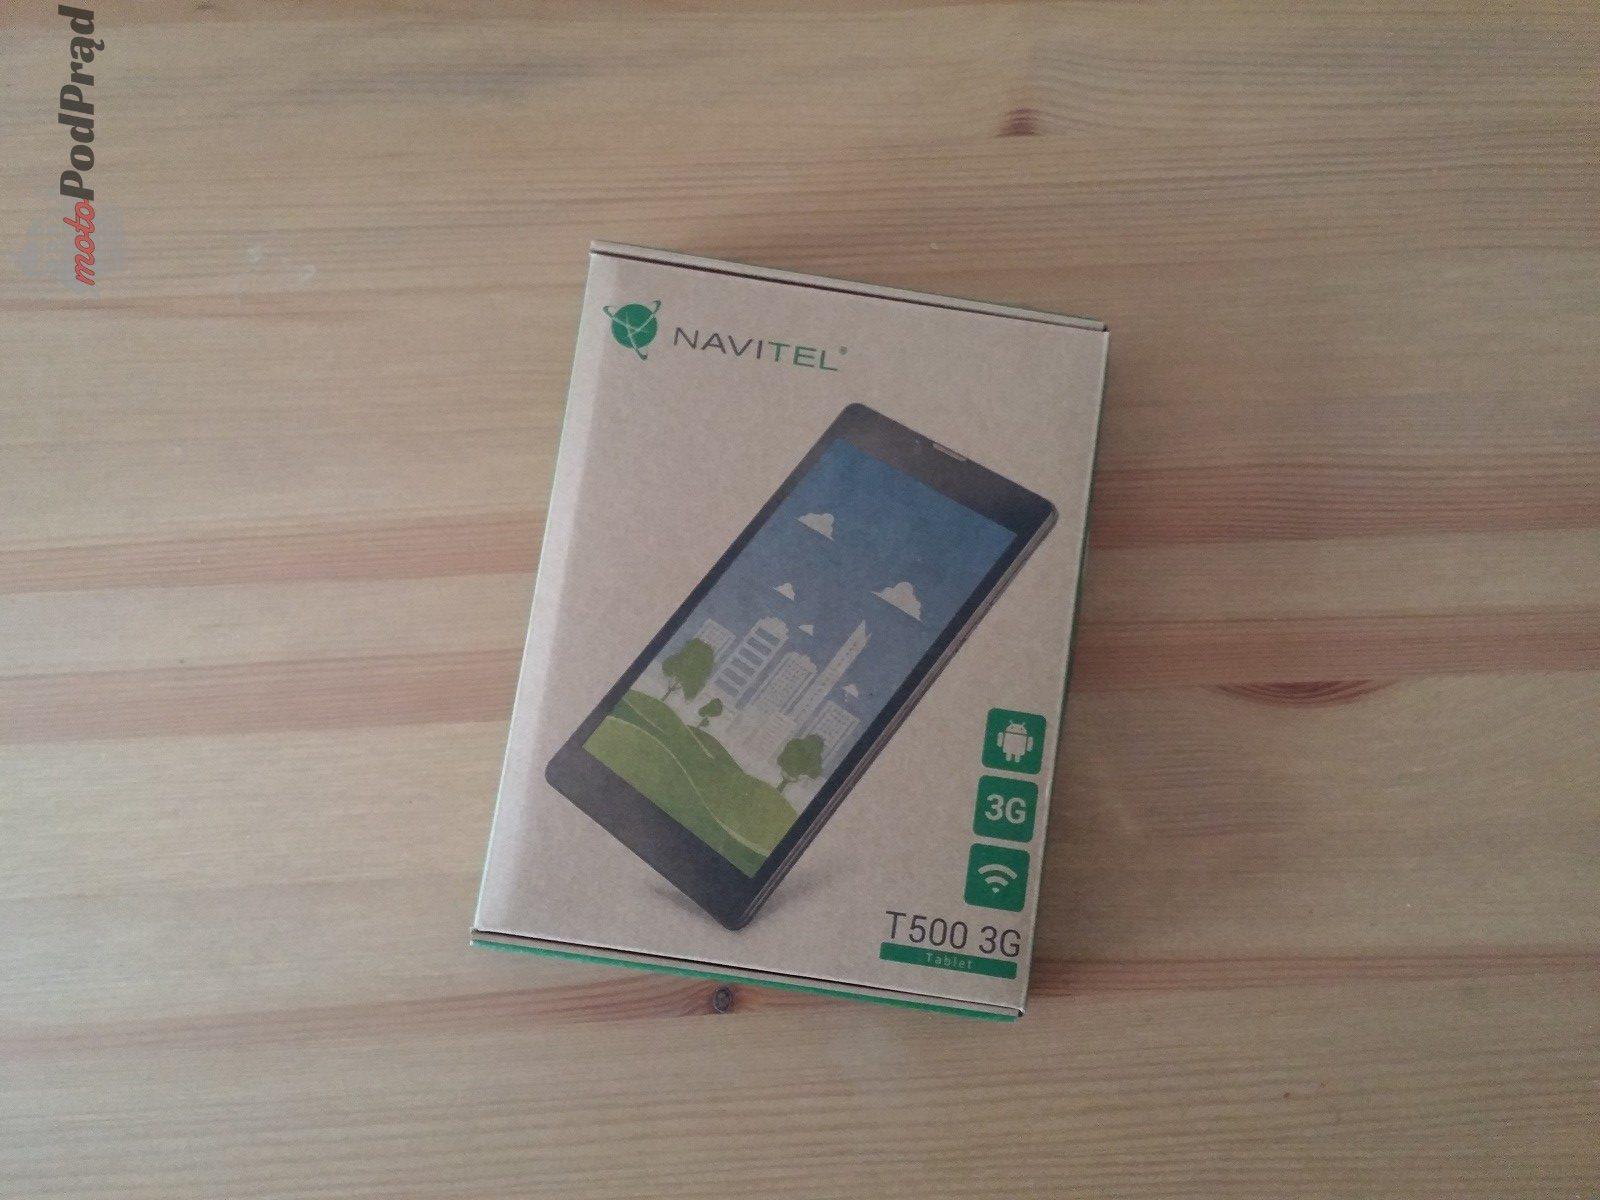 20171004 170842 e1507721404919 Tablet jako nawigacja? Navitel T500 3G